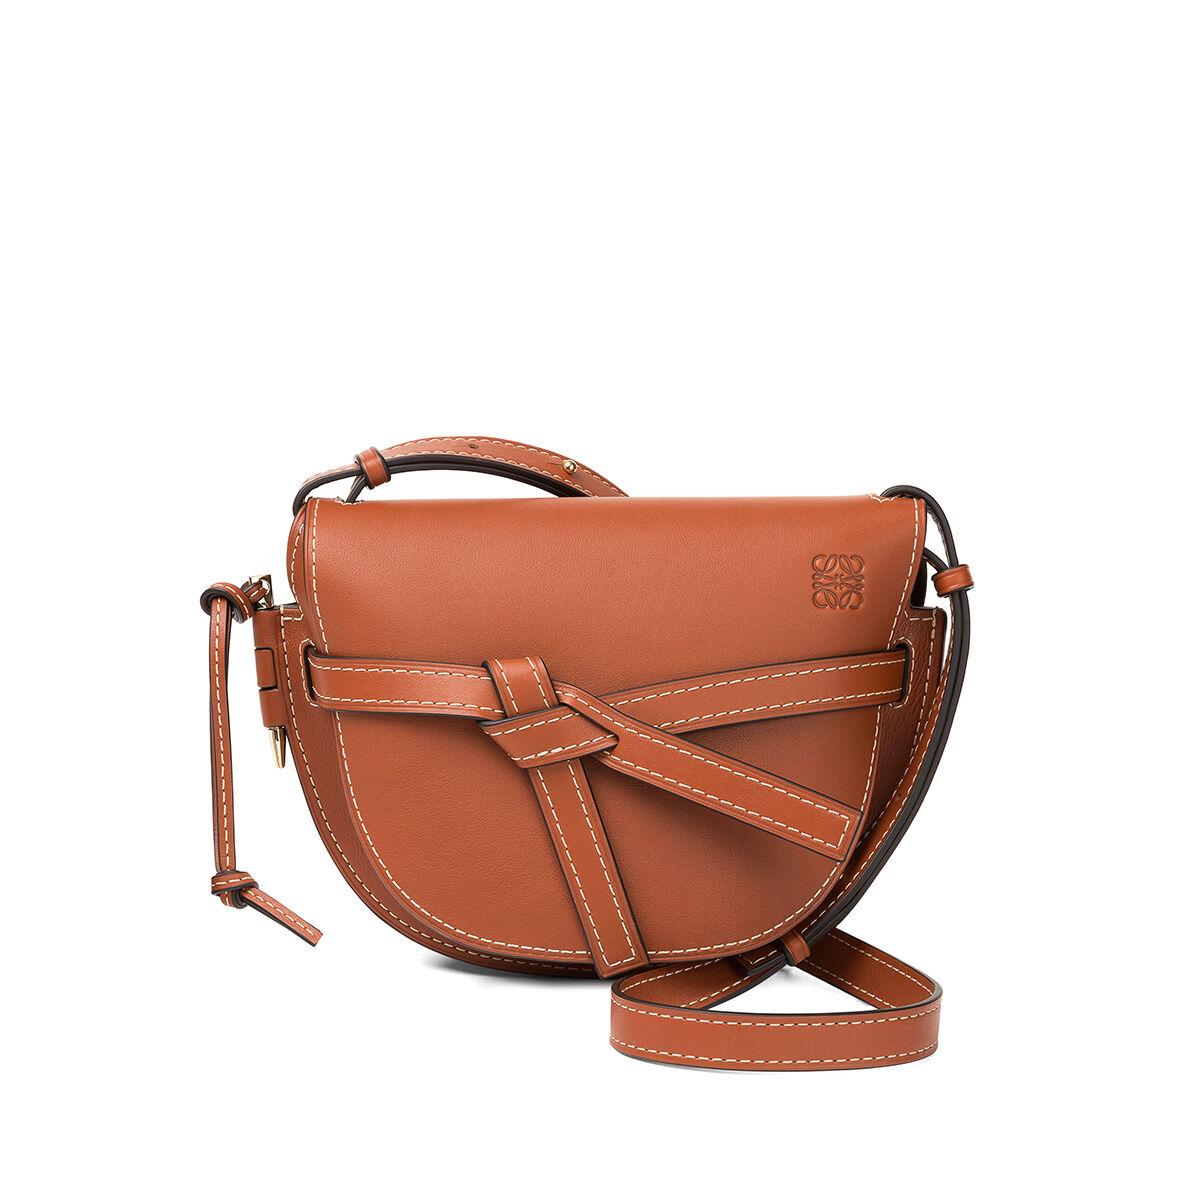 Gate Small Leather Shoulder Bag Loewe 1cMv95VDj